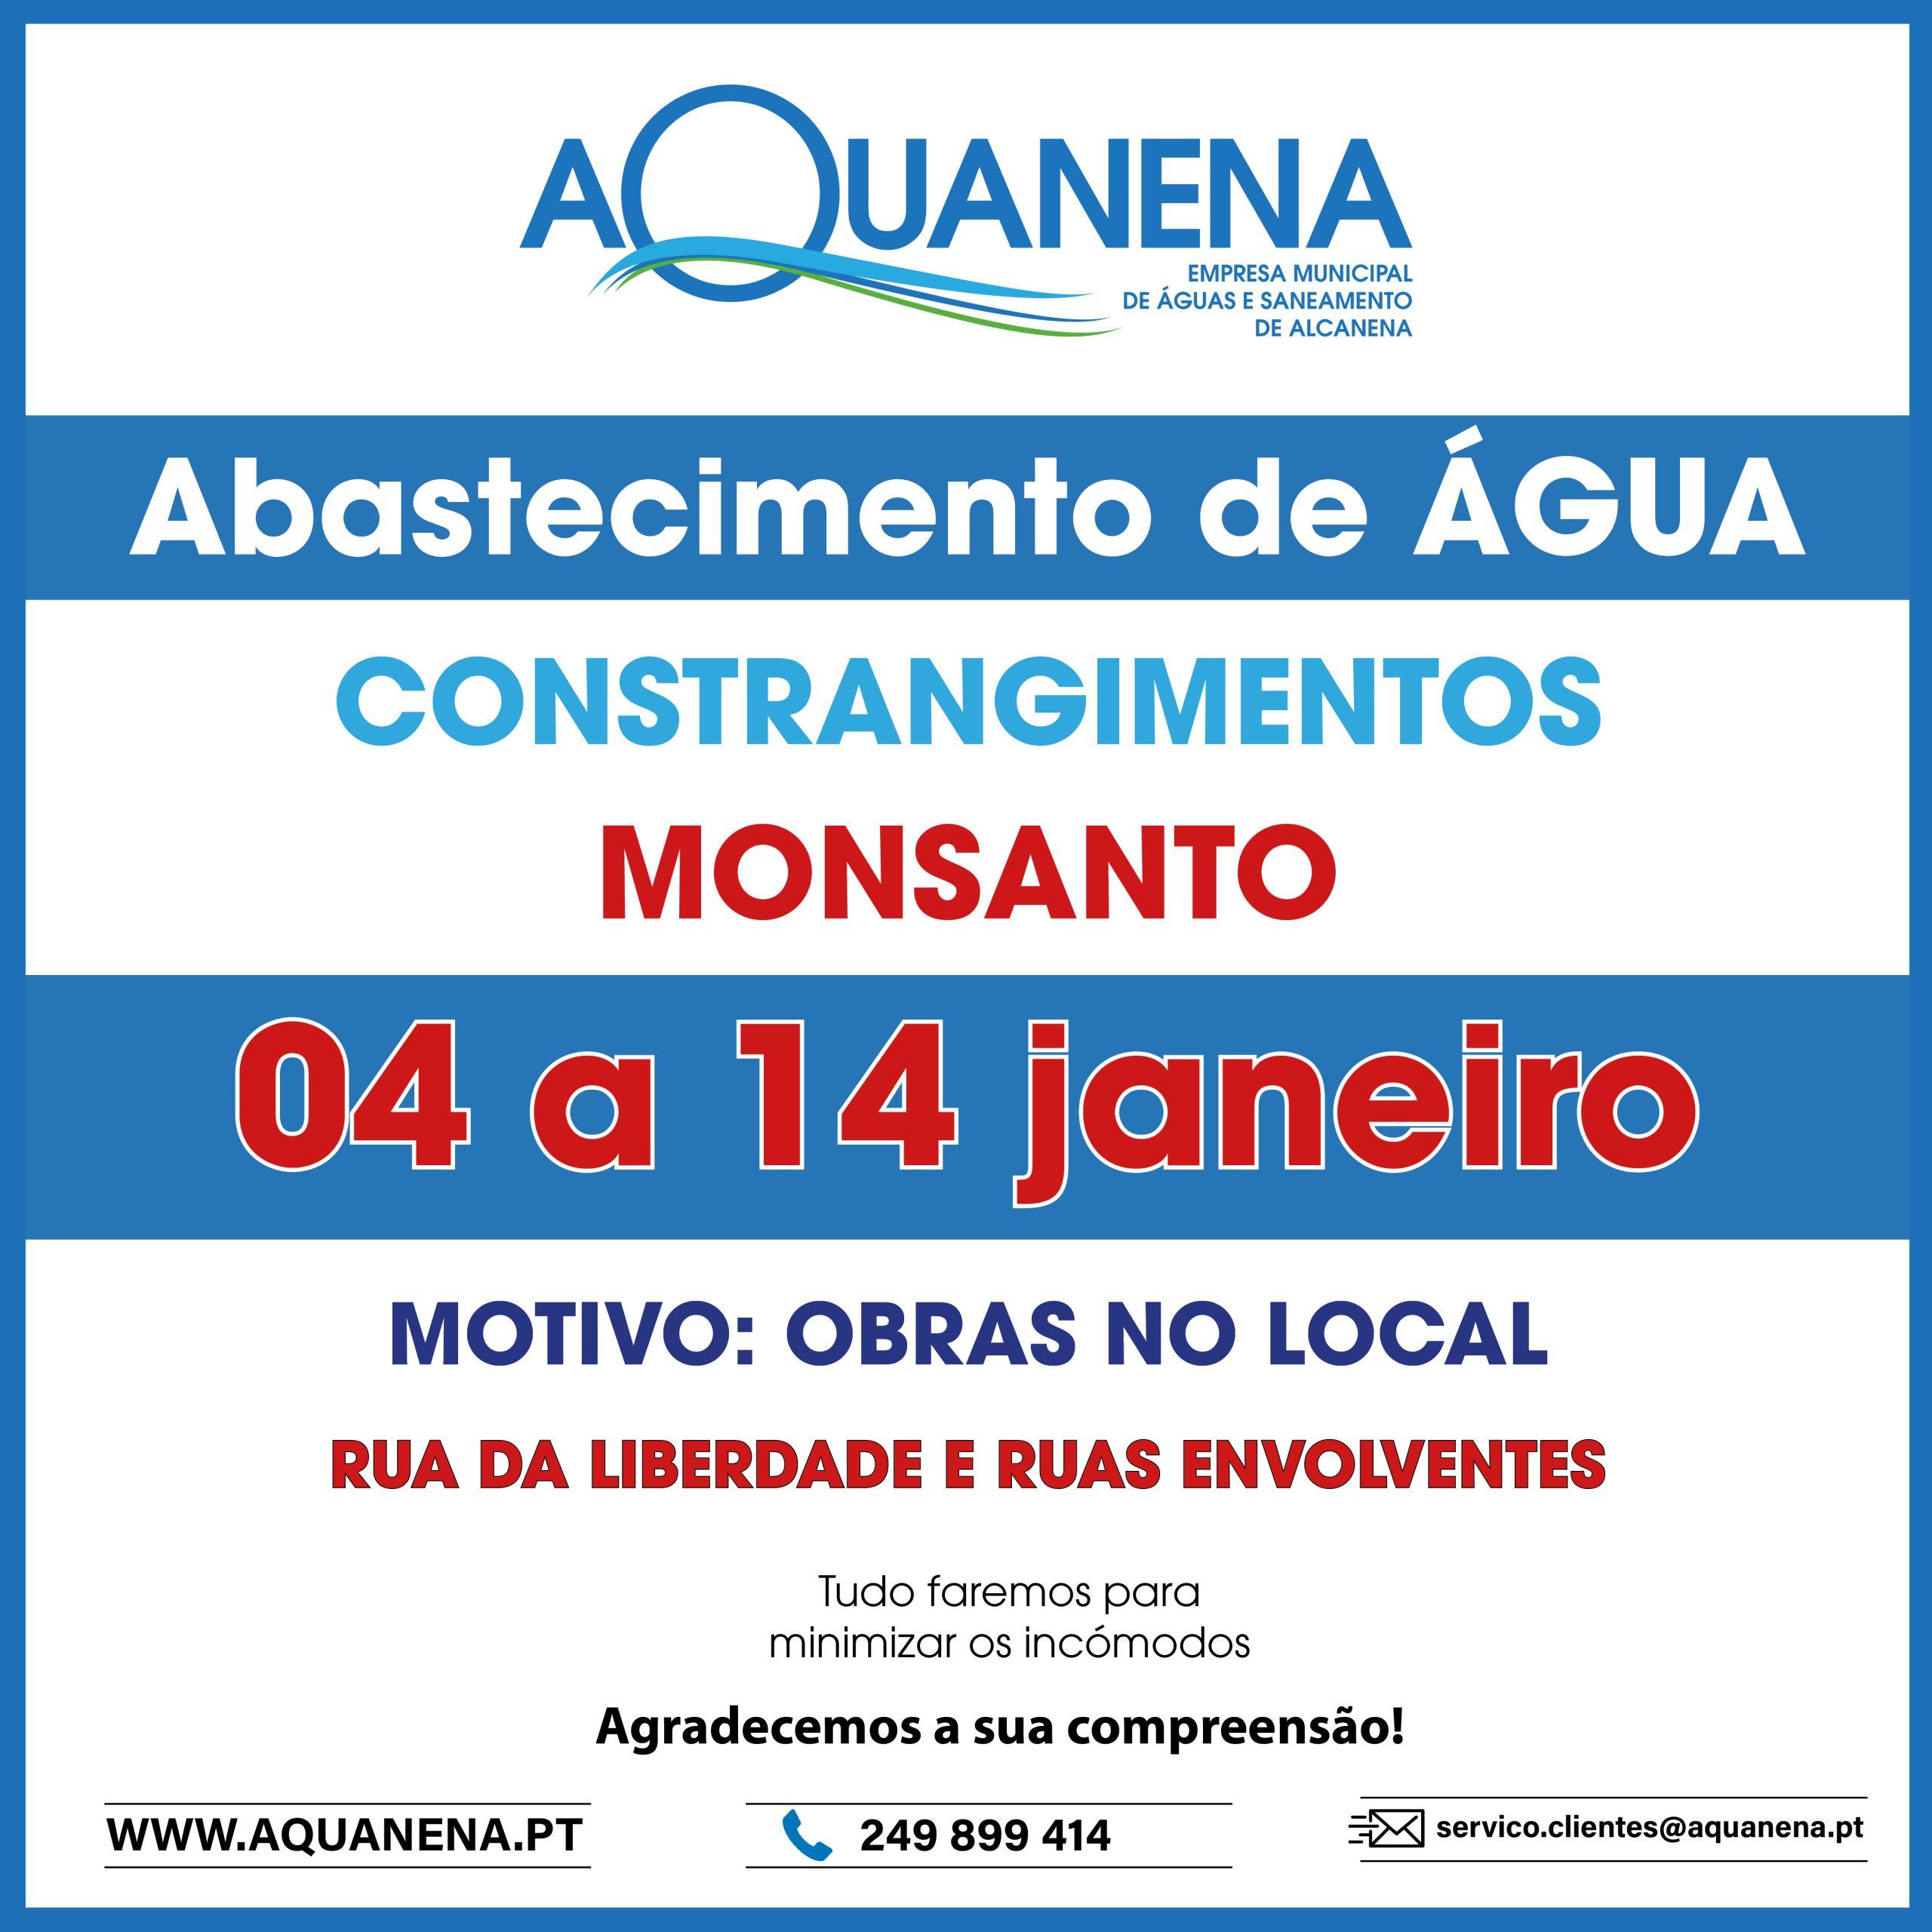 Constrangimentos no abastecimento de água devido a OBRAS em MONSANTO